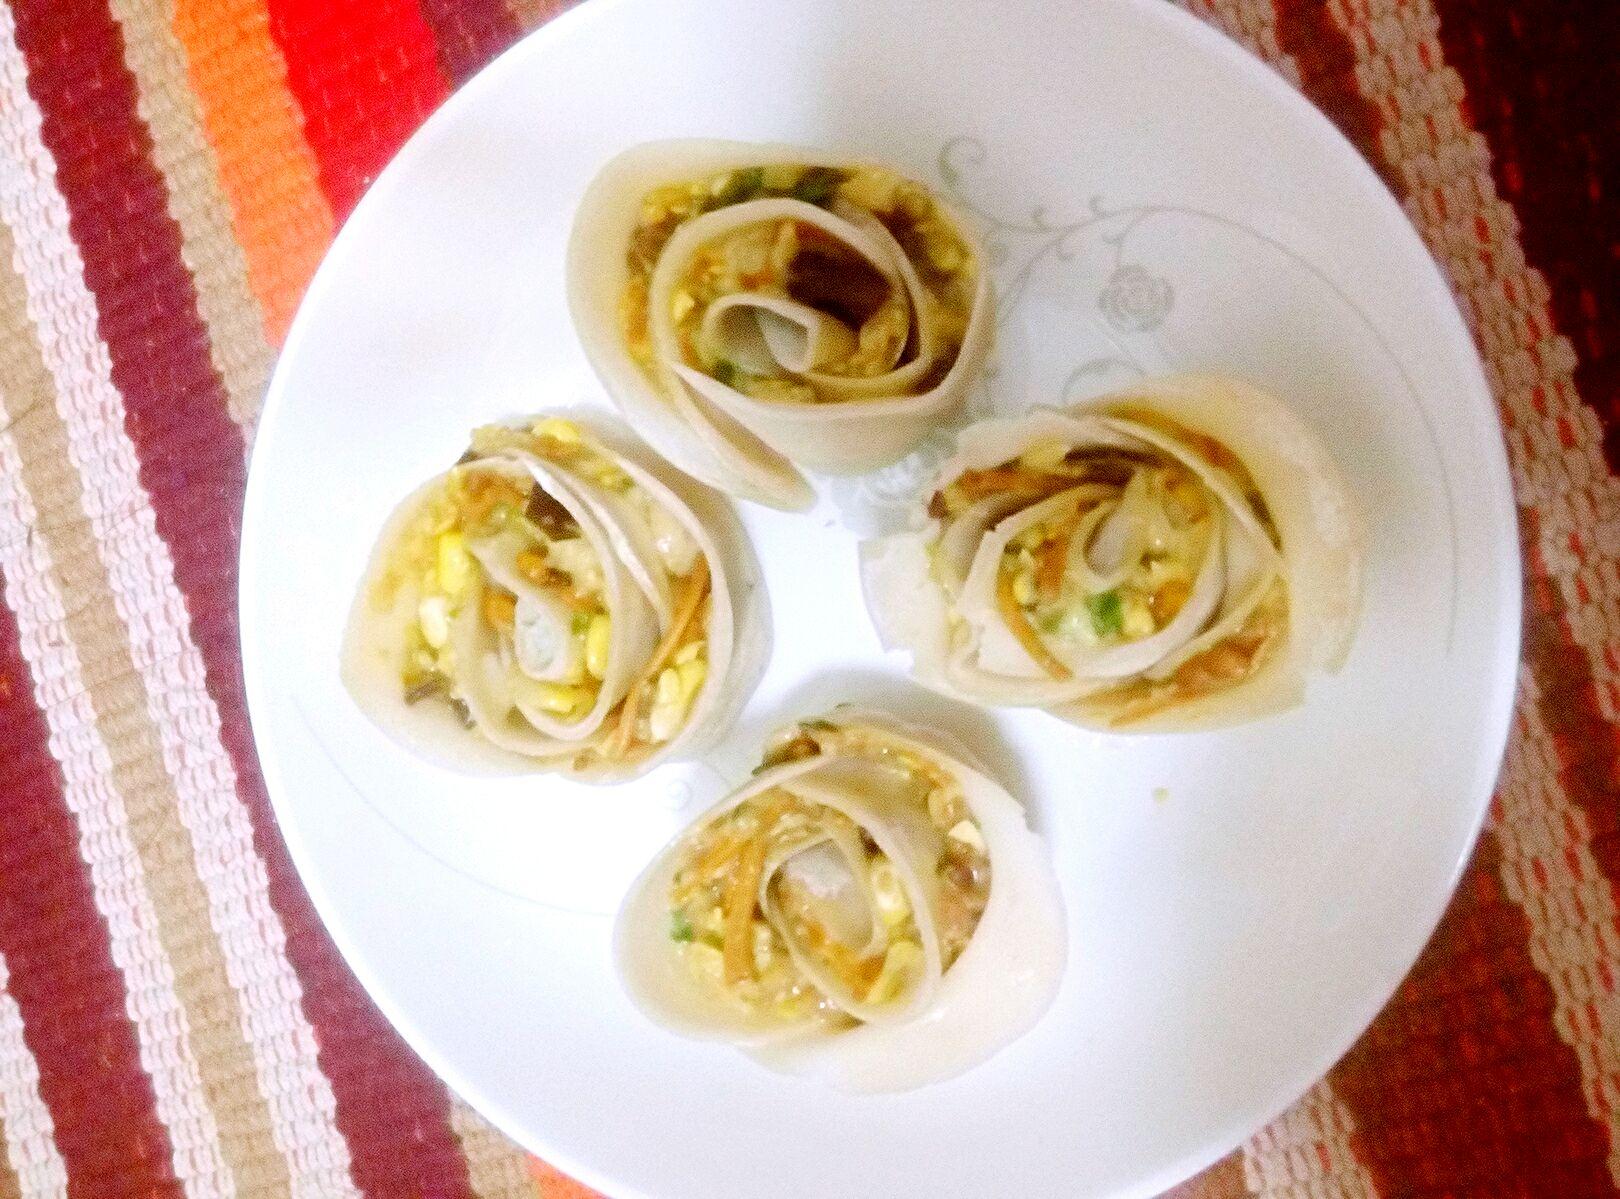 玫瑰花型饺子#方太蒸爱行动#的做法图解7